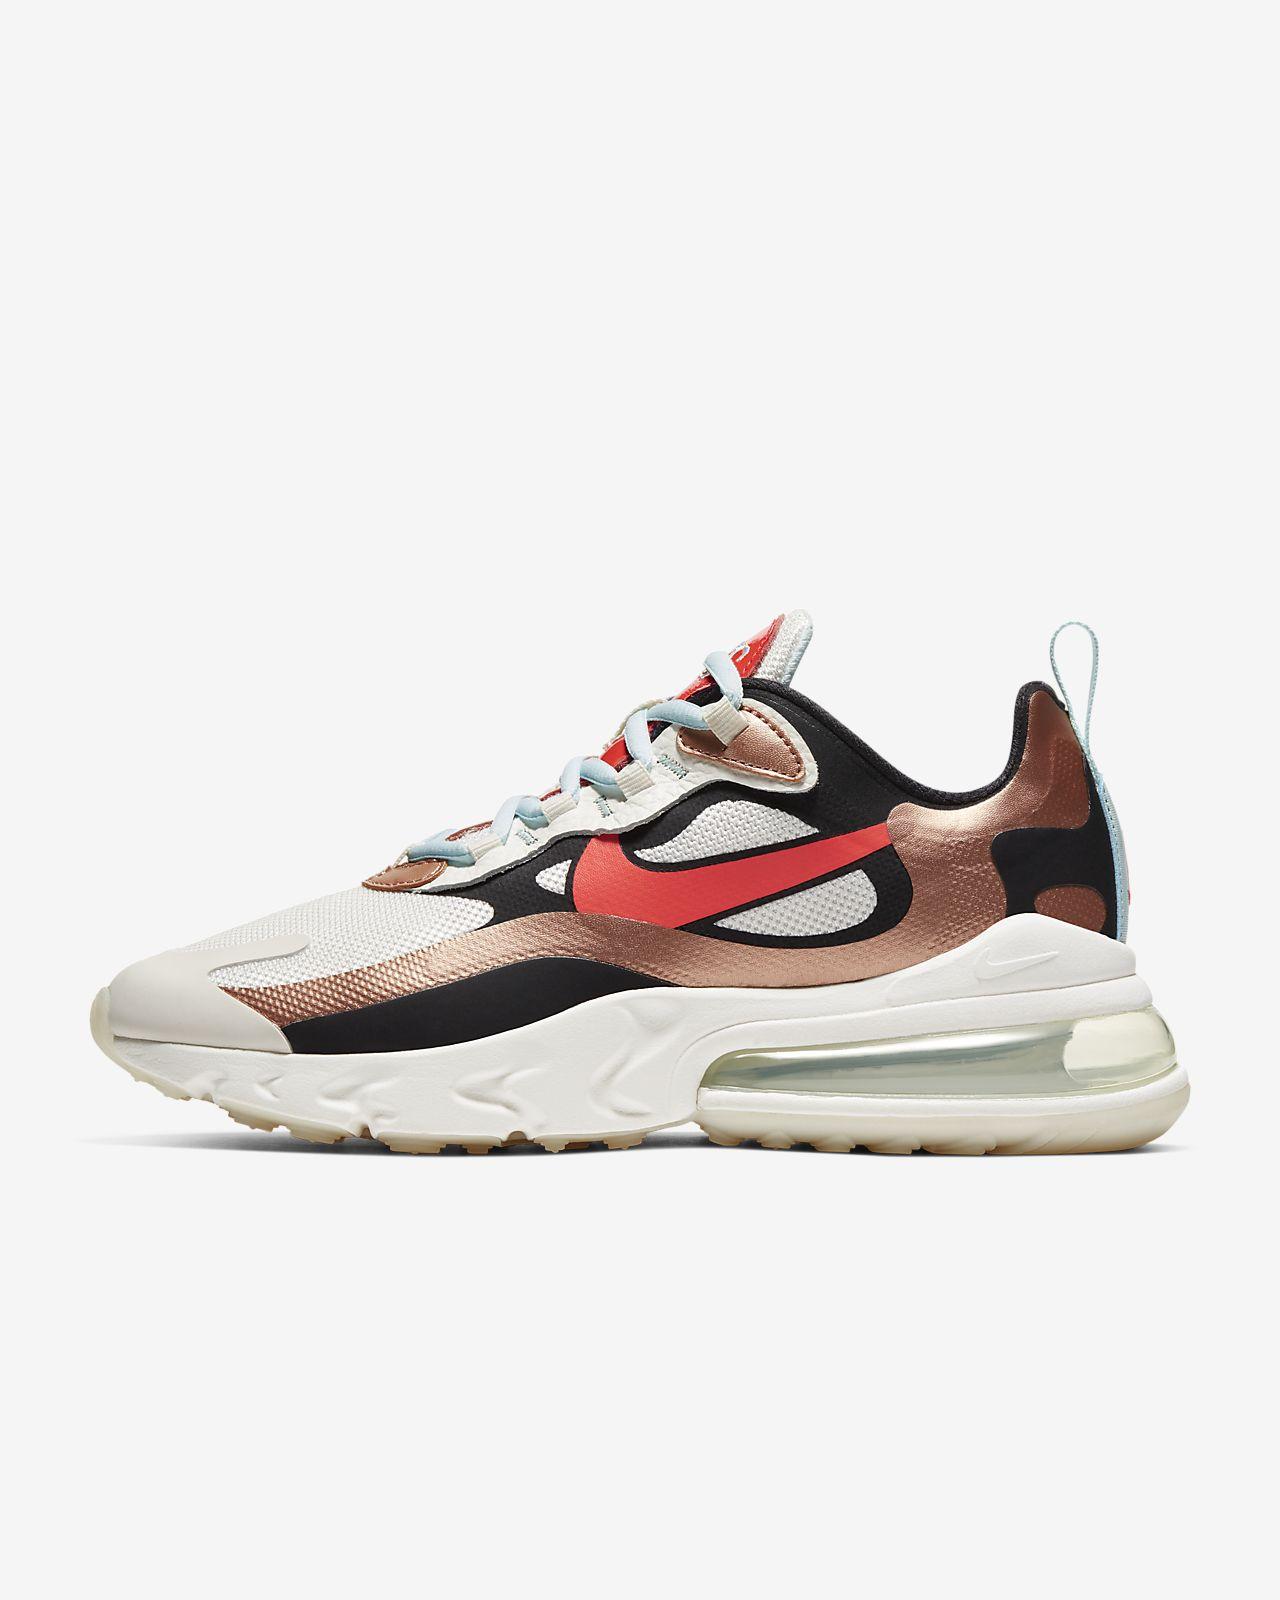 Nike Air Max 270 React Damesschoen